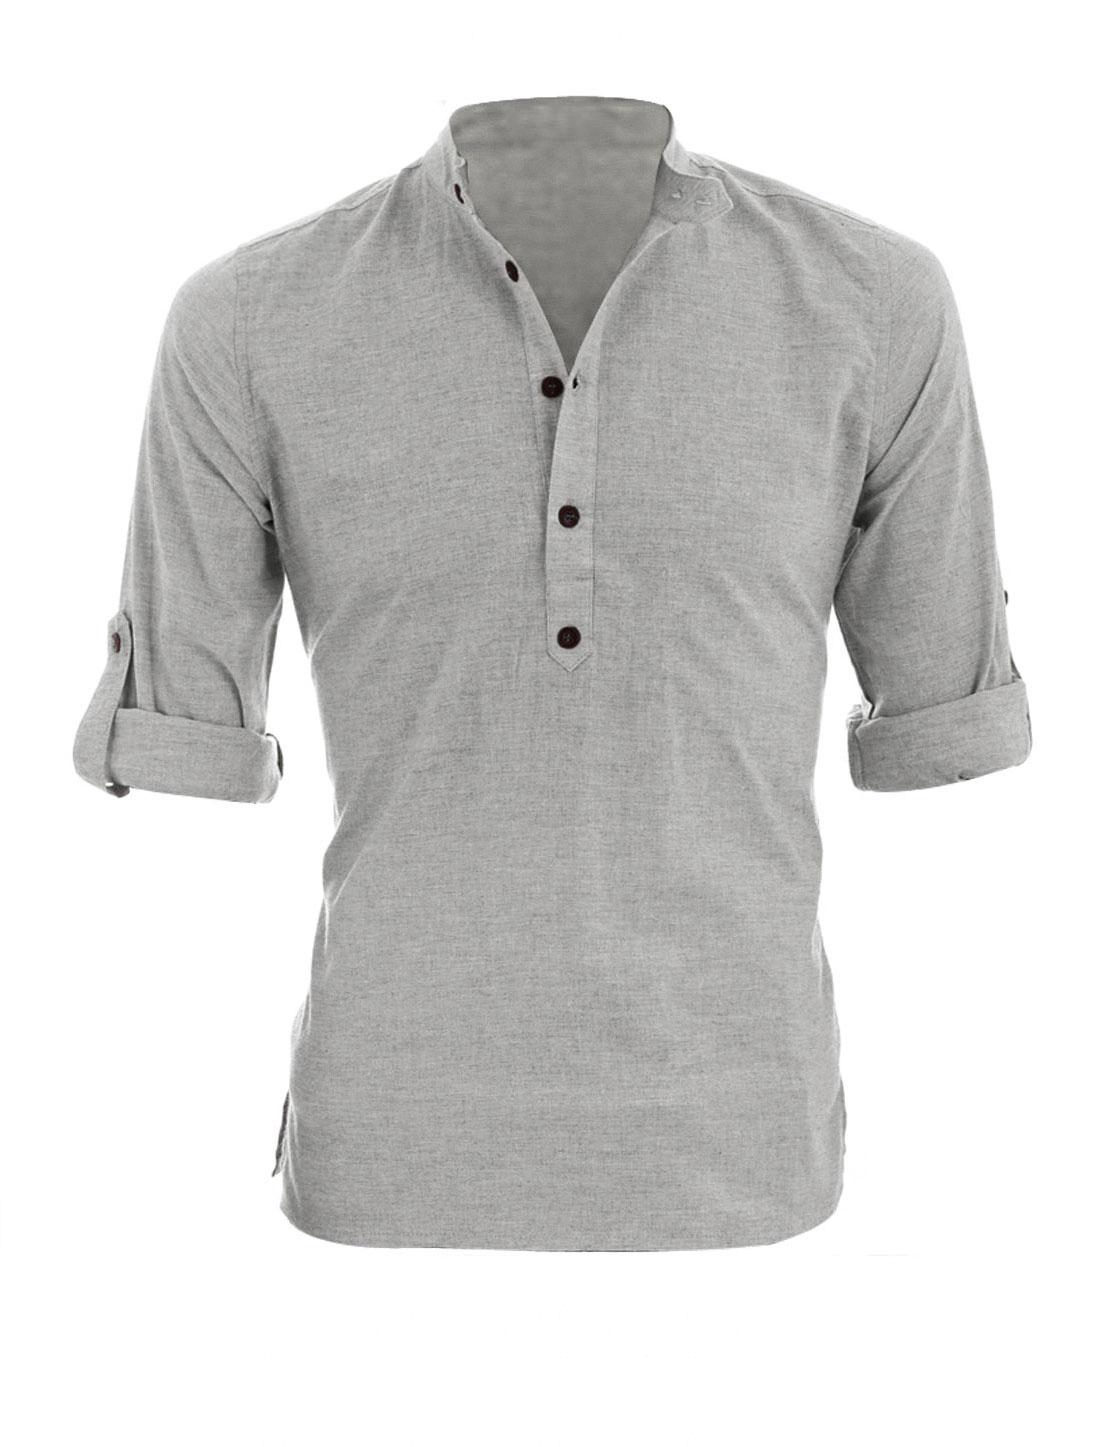 Men Button Cuffs Long Sleeves Regular Fit Henley Shirt Light Gray L